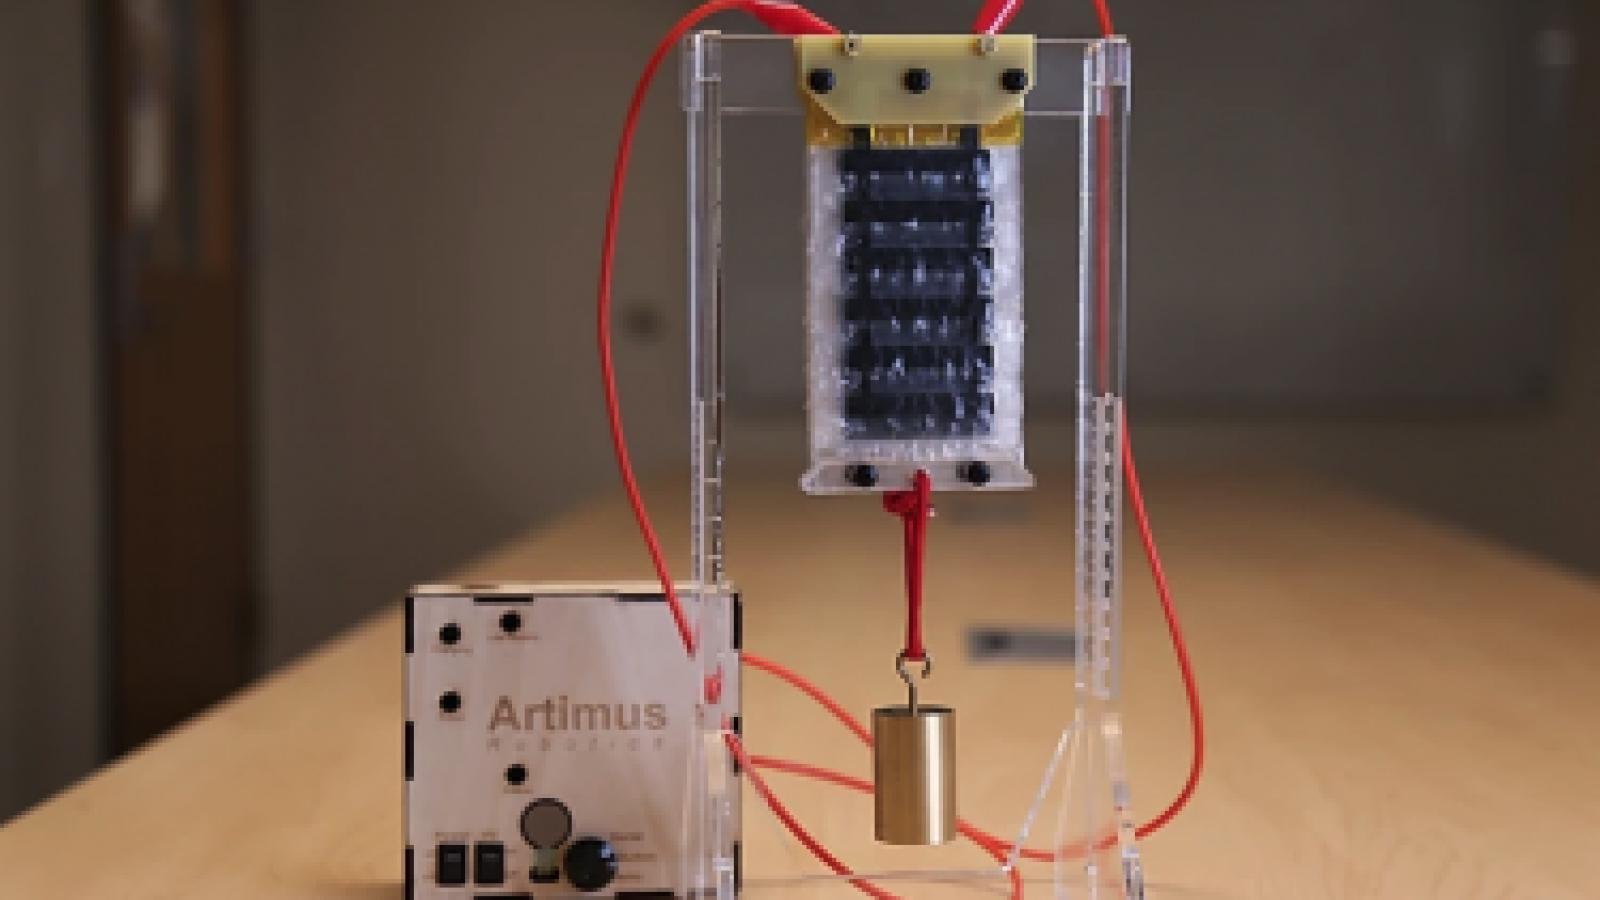 Artimus Robotics